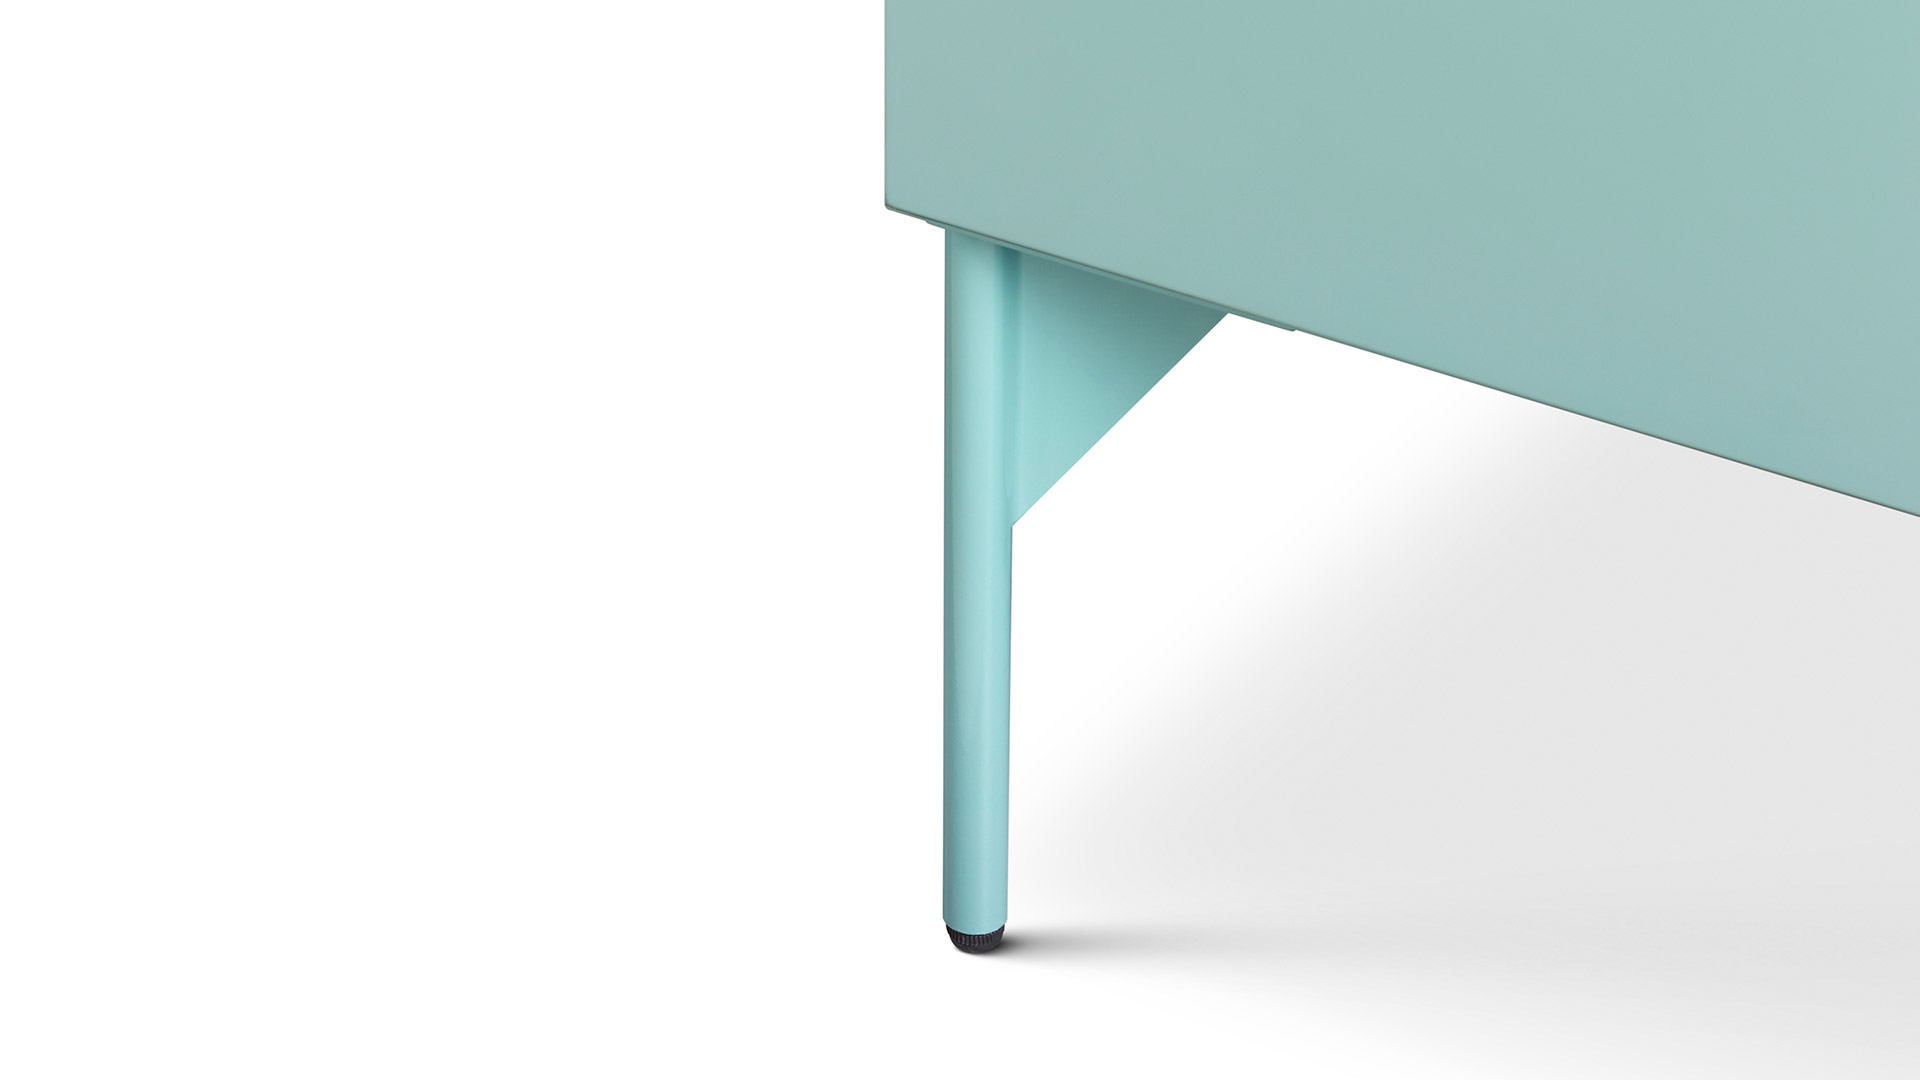 稳固的焊接结构实心圆钢腿,采用45°内切支撑,呼应柜体45°拼角,升级版四角均增加调整脚垫,适应高低不平的地面,优美与稳定兼得。